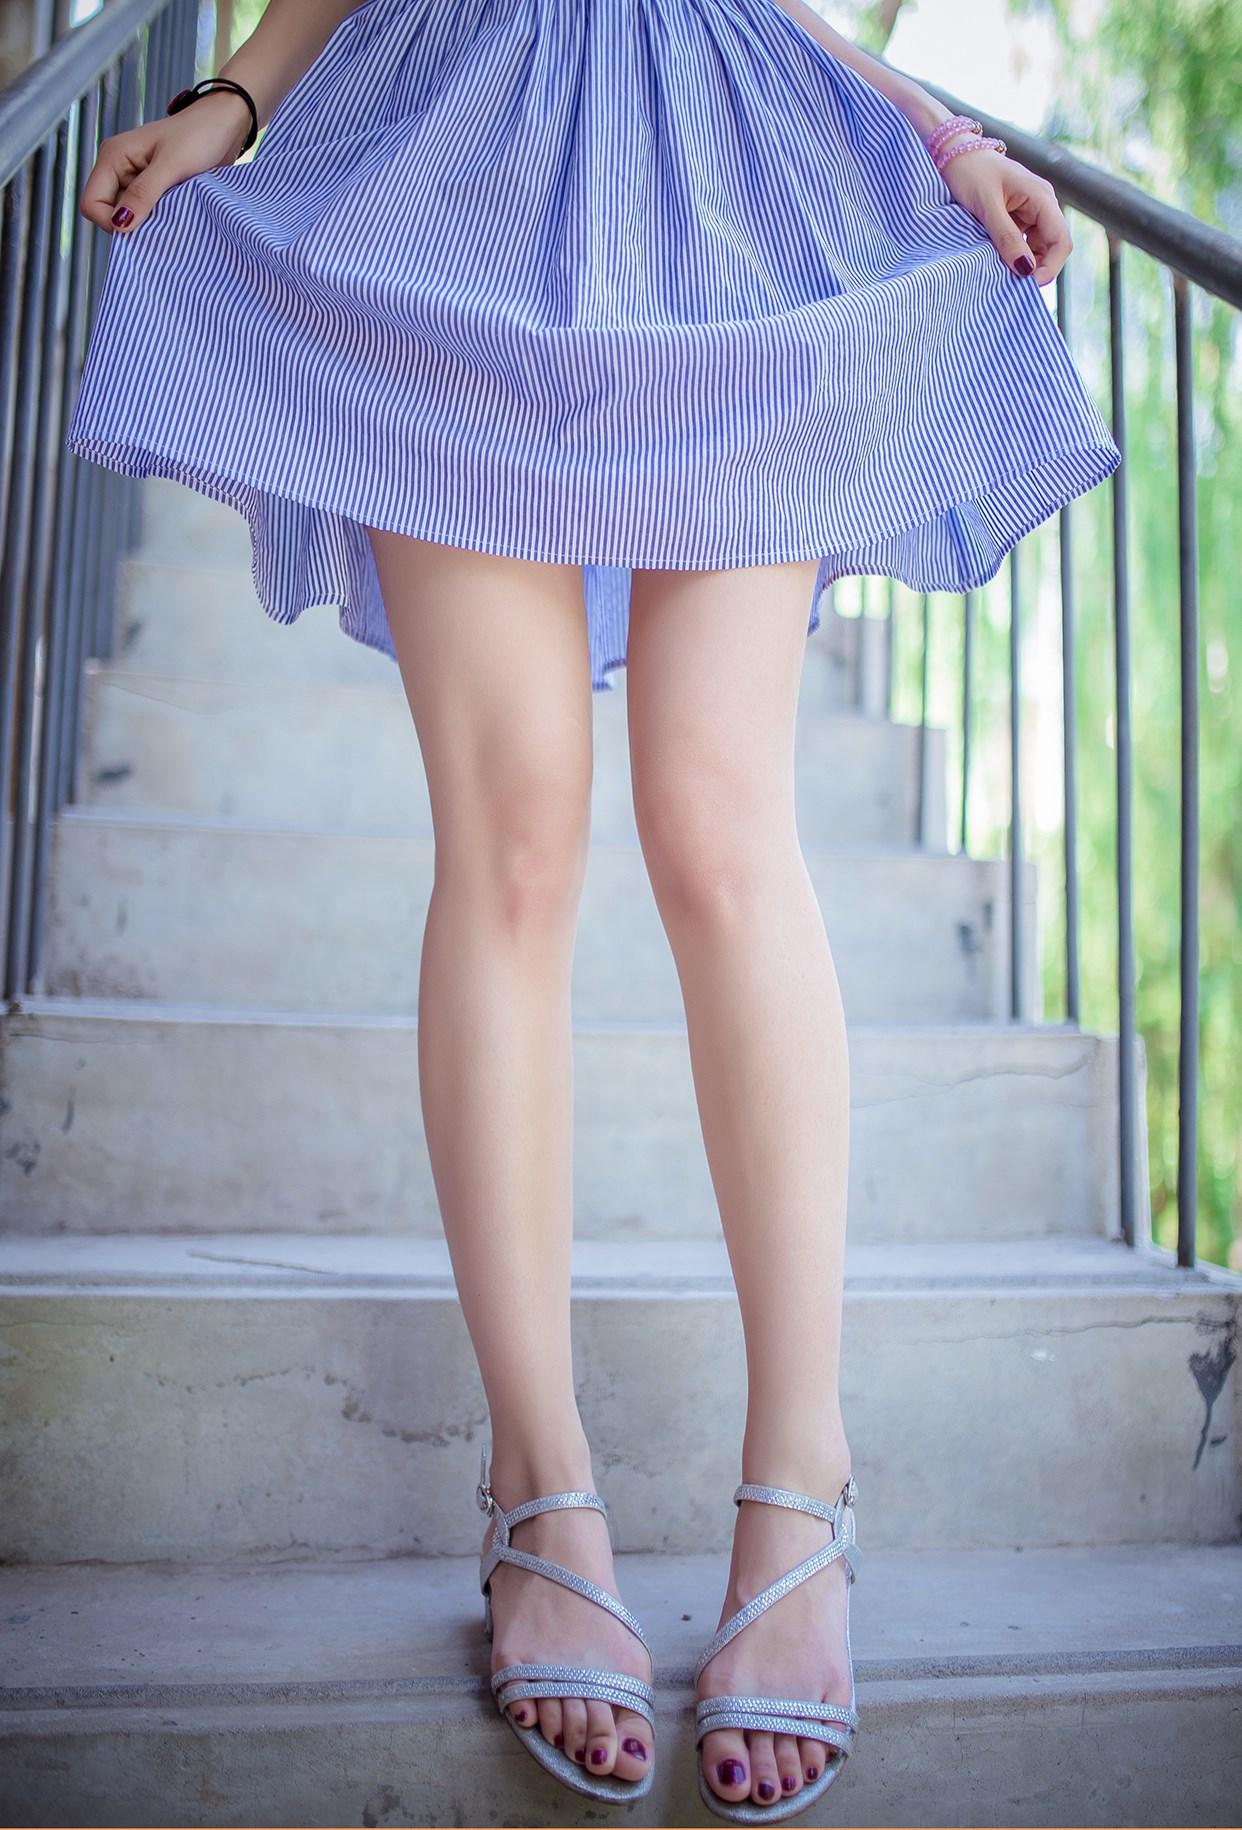 【兔玩映画】吊带裙小姐姐 兔玩映画 第36张